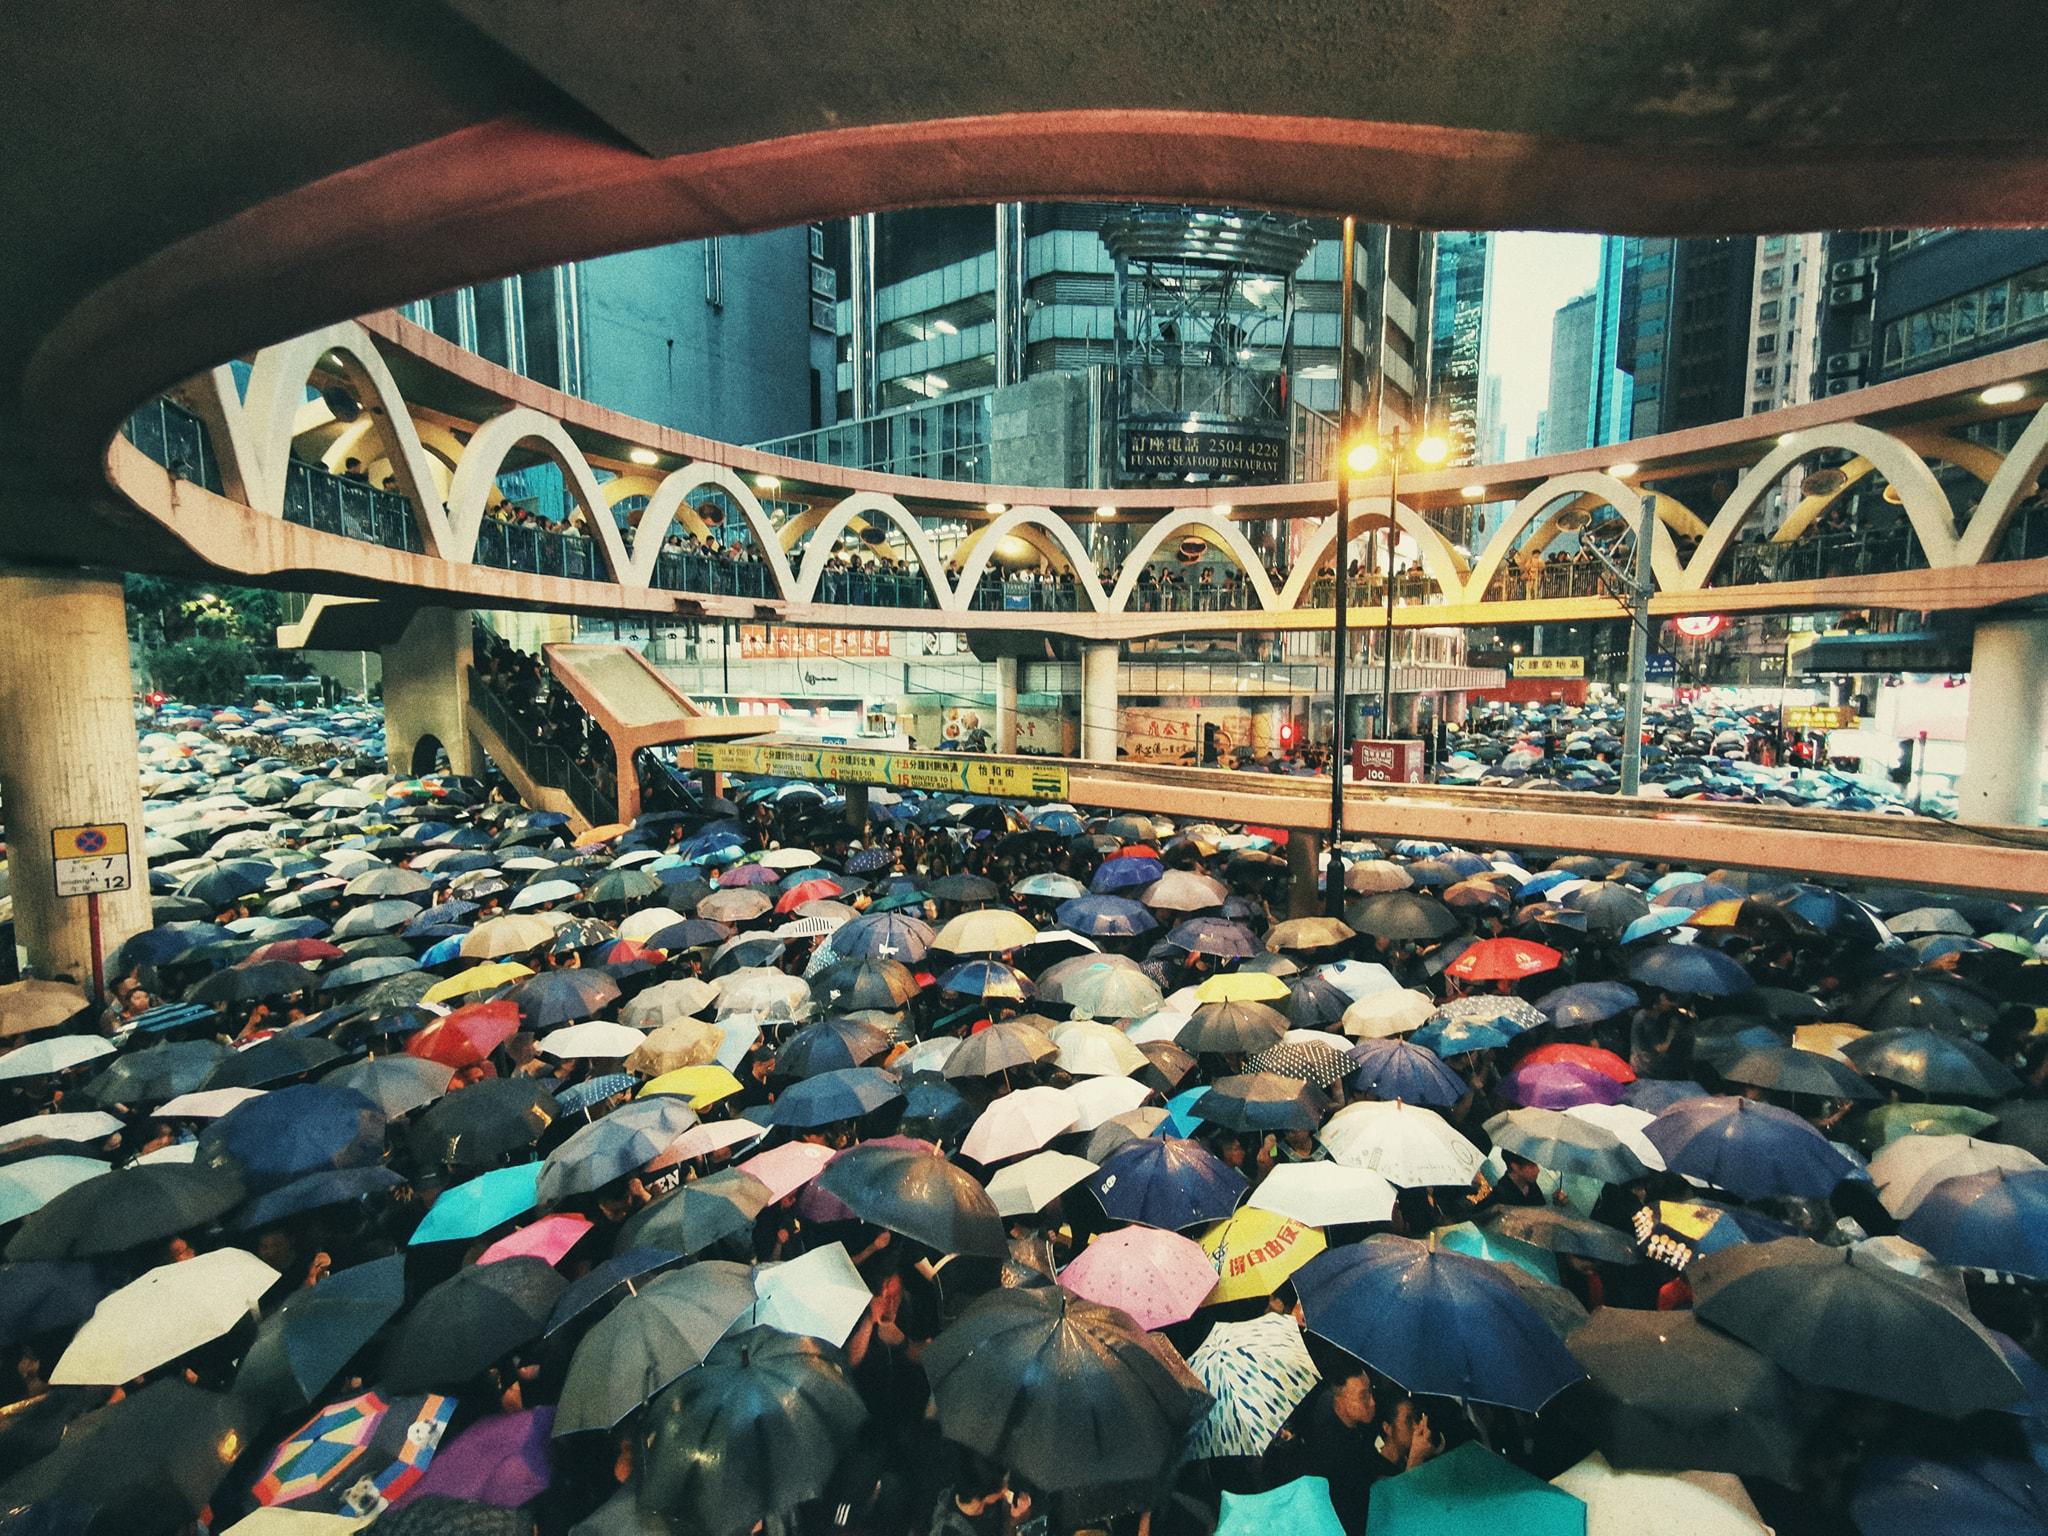 Photo By Yiu Ming Mok